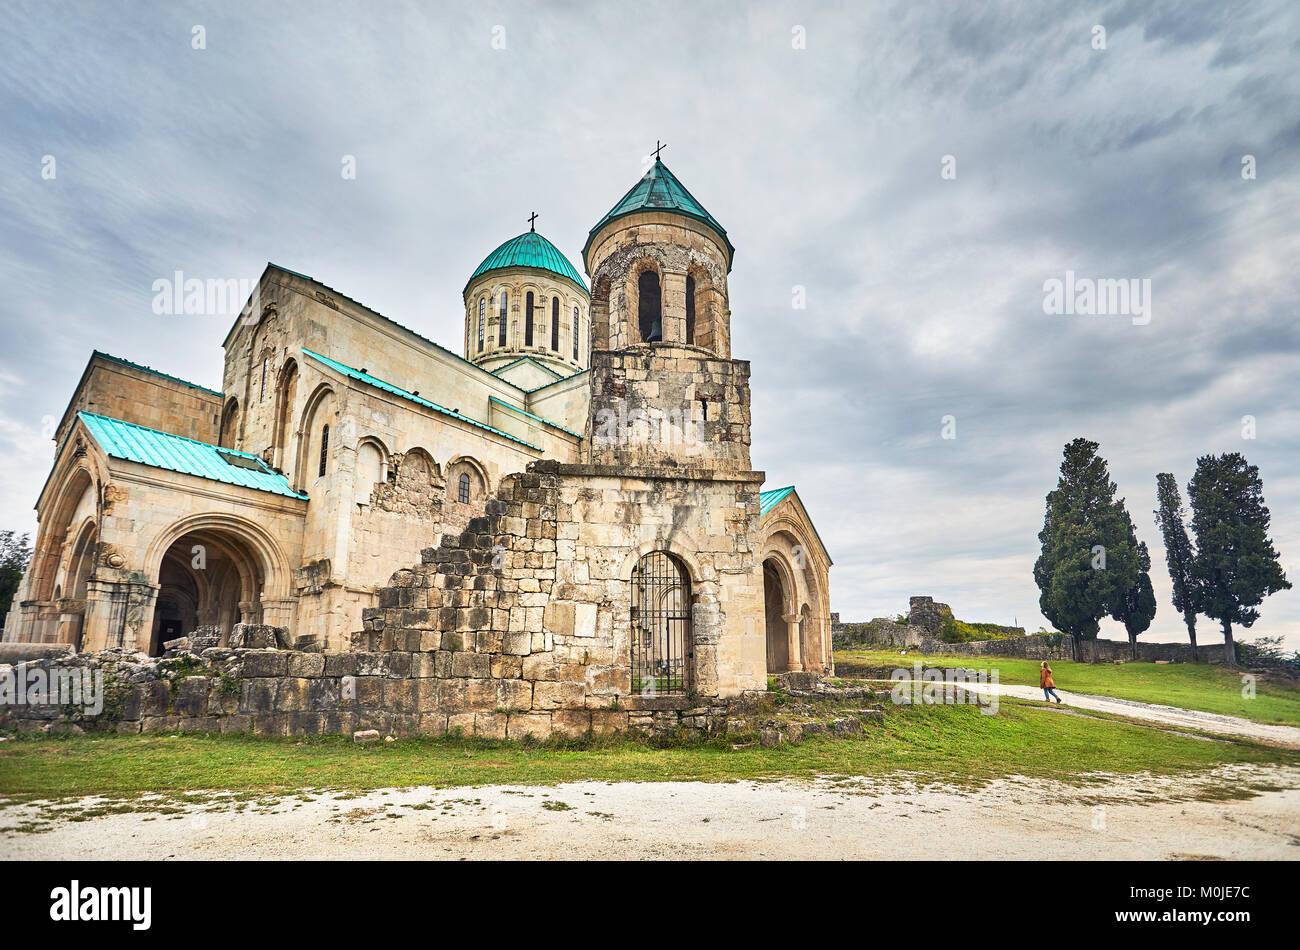 La donna per raggiungere a piedi la torre della cappella della chiesa Bagrati a cielo nuvoloso in Kutaisi, Georgia Immagini Stock